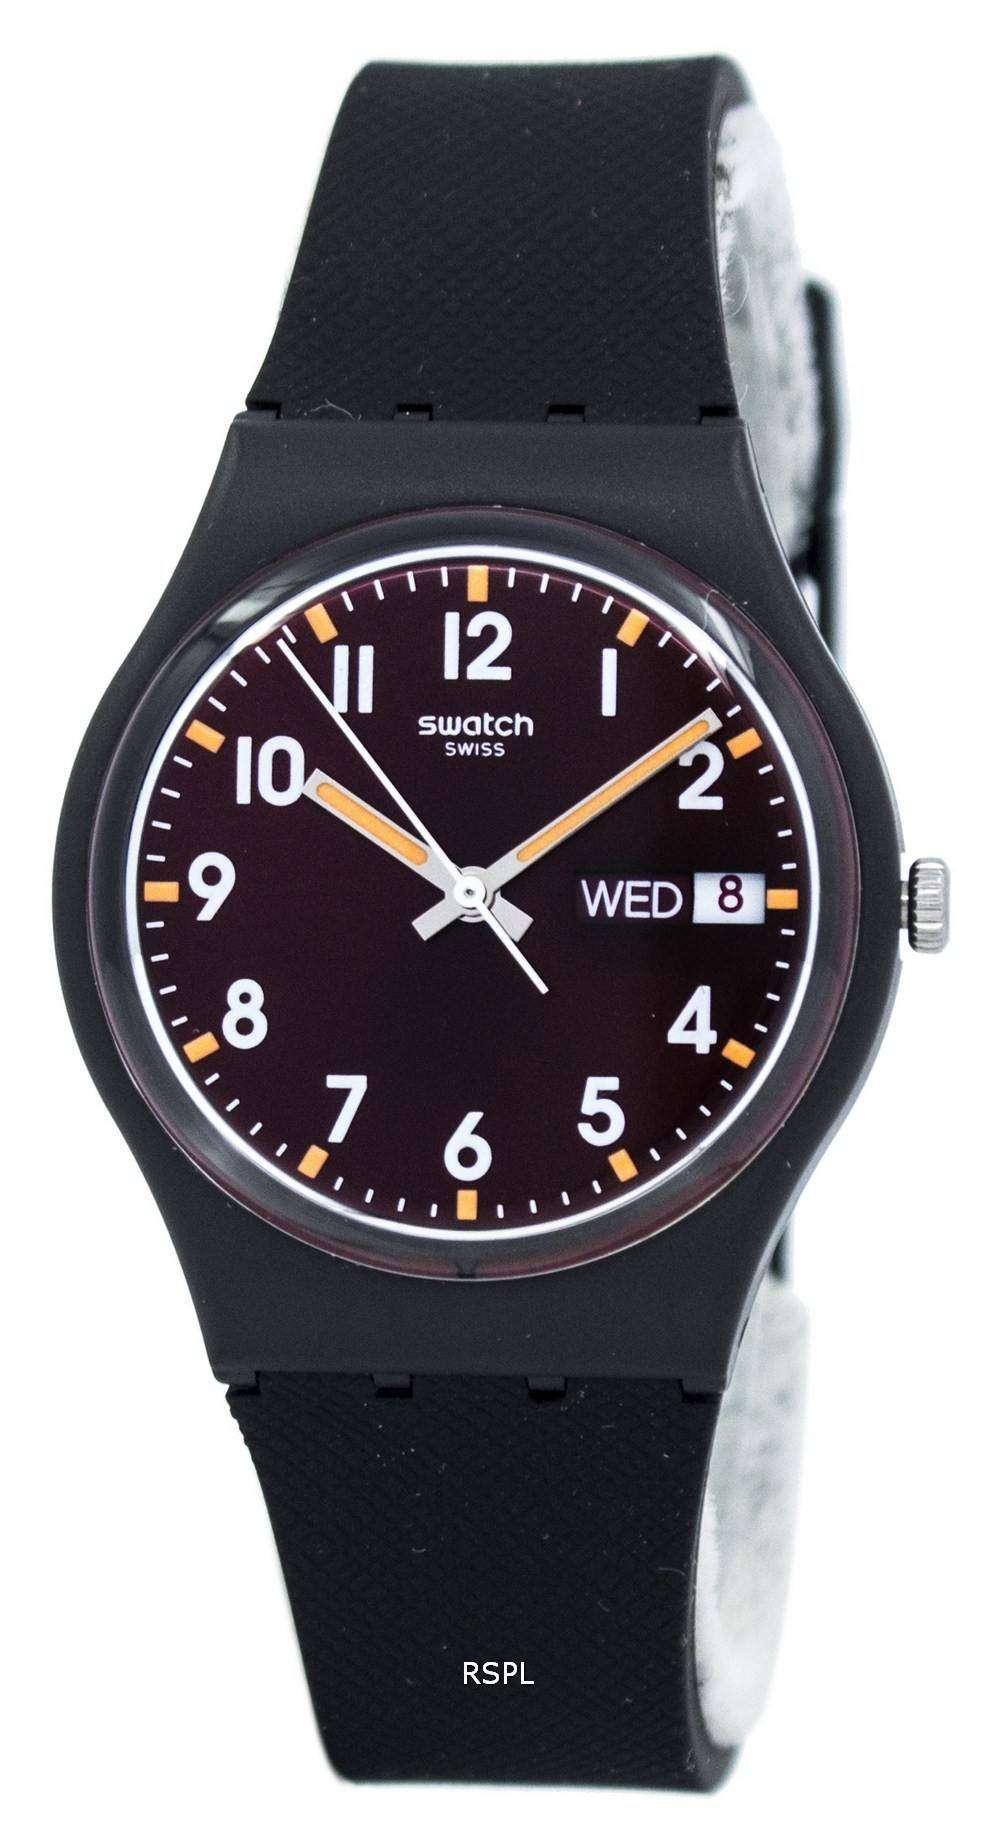 スウォッチ オリジナル サー レッド クオーツ GB753 ユニセックス腕時計